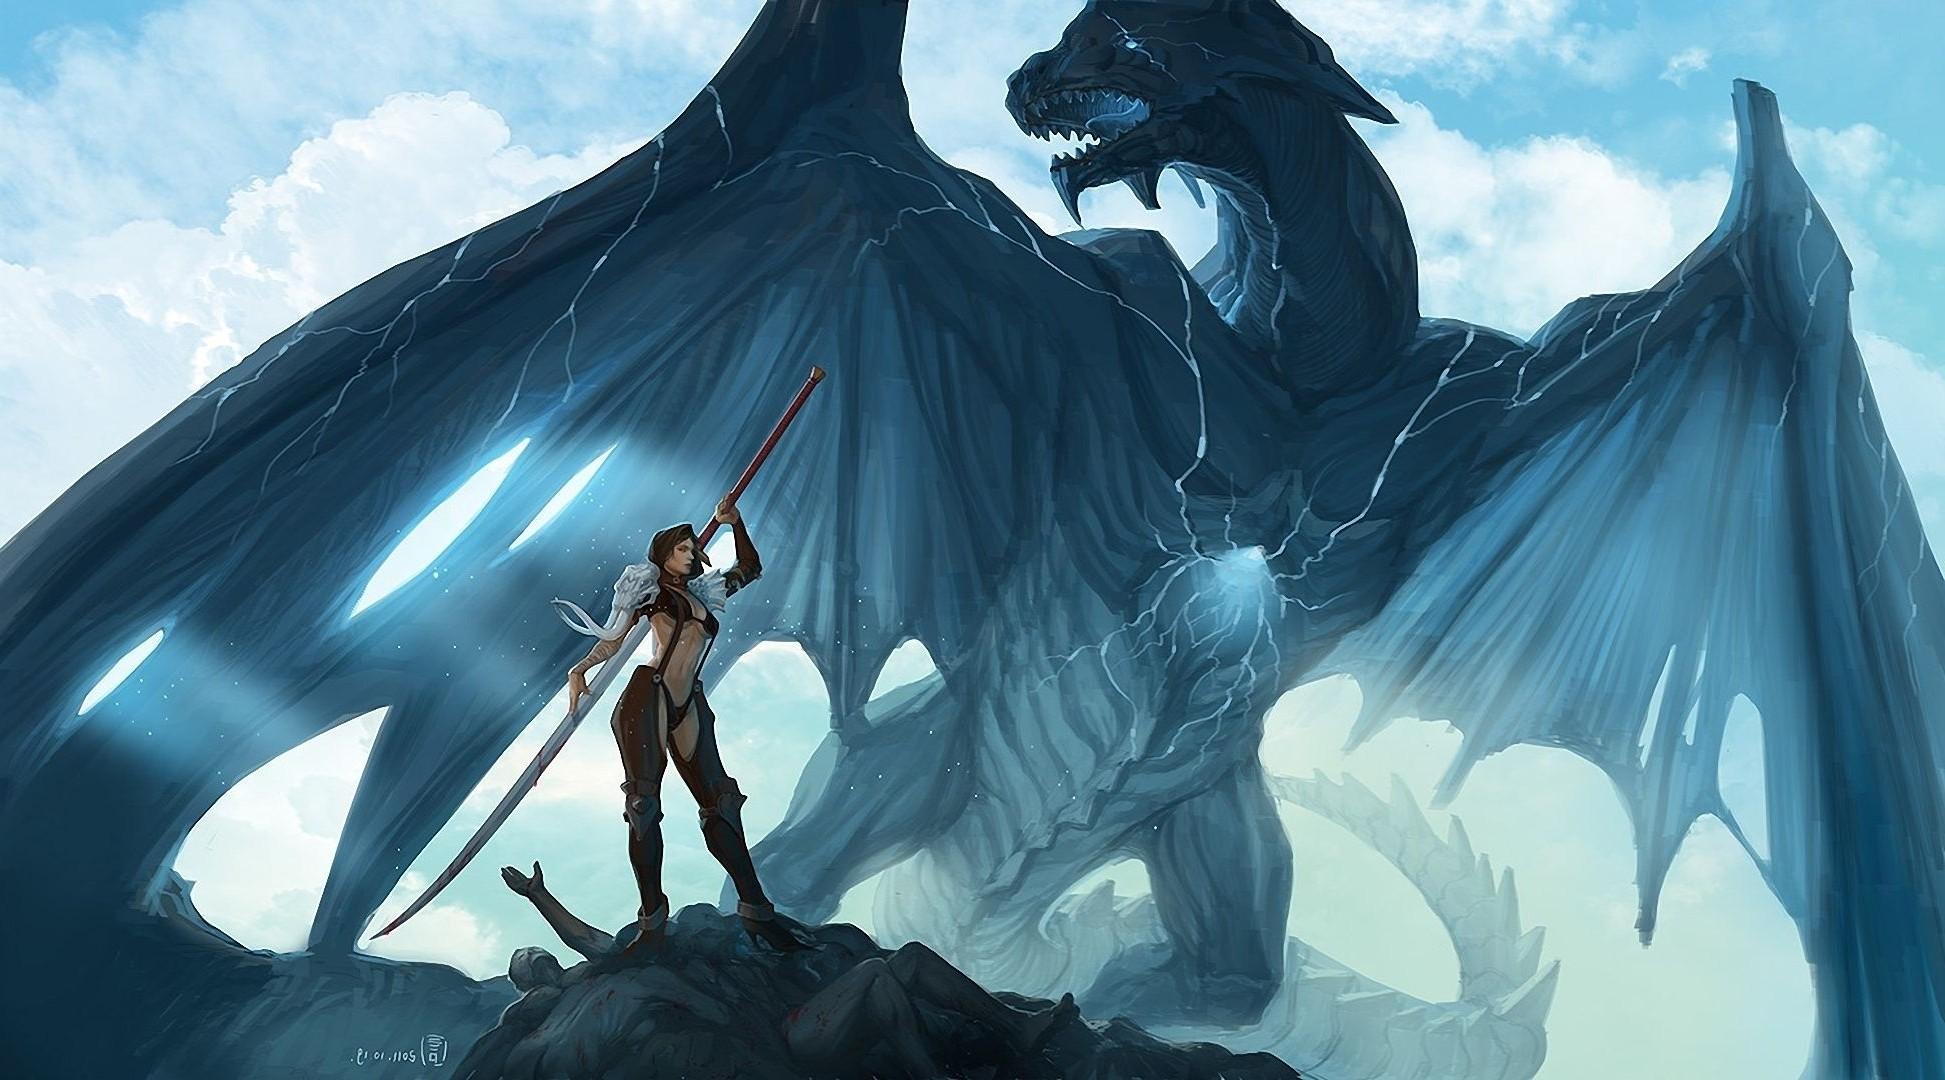 Дракон и девочка - Связь дракона и скарлет - Wattpad   1080x1945